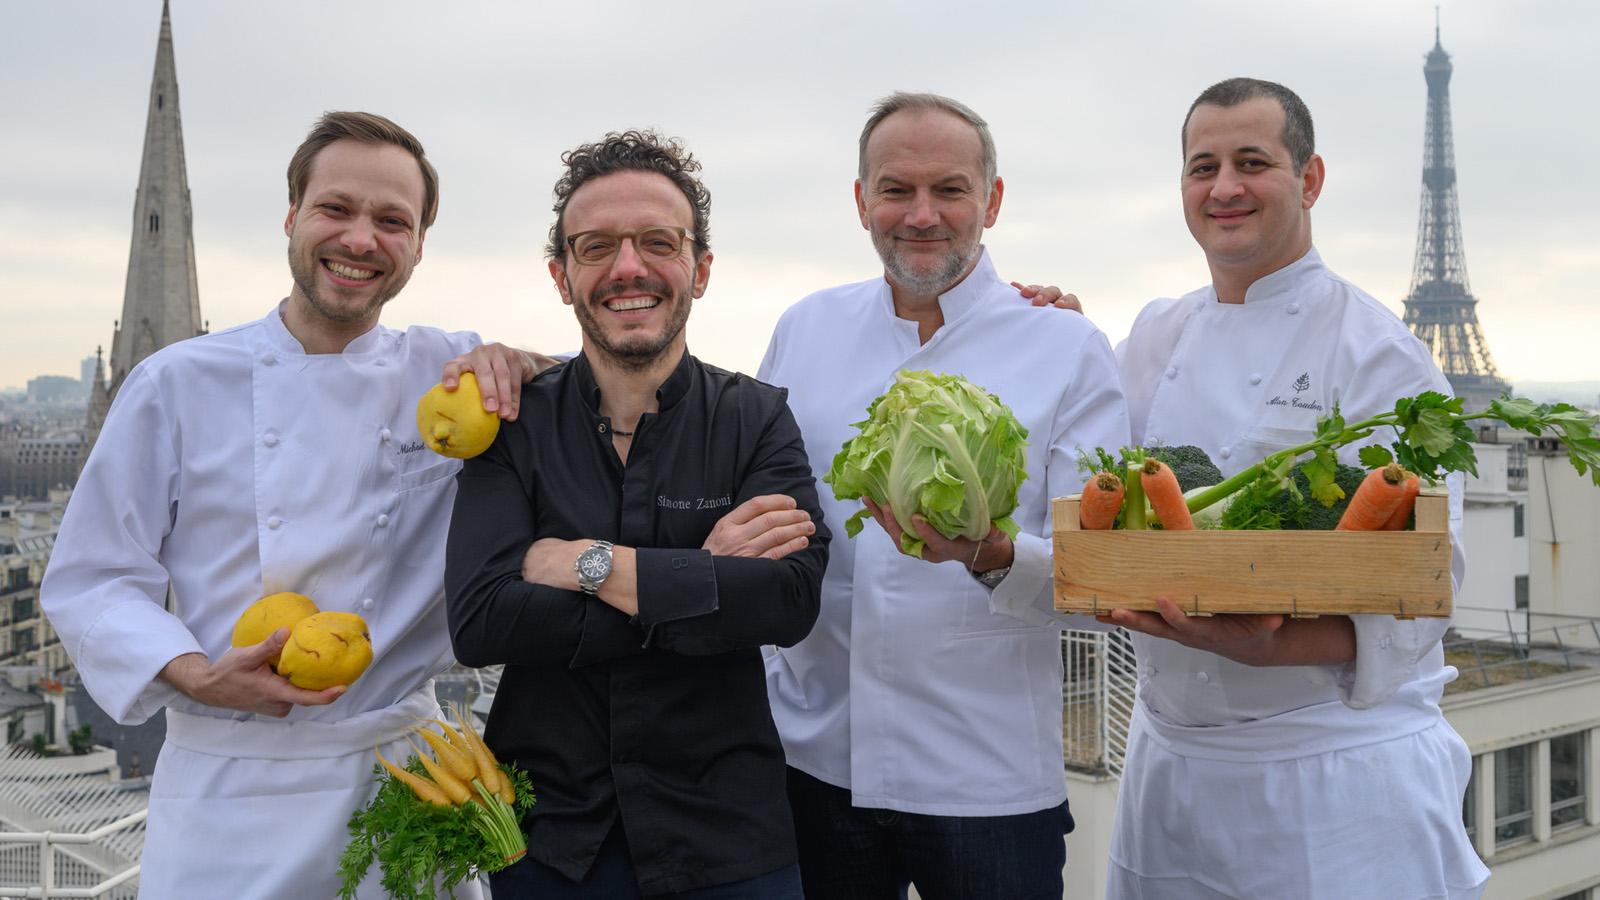 29 نجمة ميشلان في 20 مطعماً حول العالم تتوّج مسيرة فورسيزونز الراقية في عالم الطهي